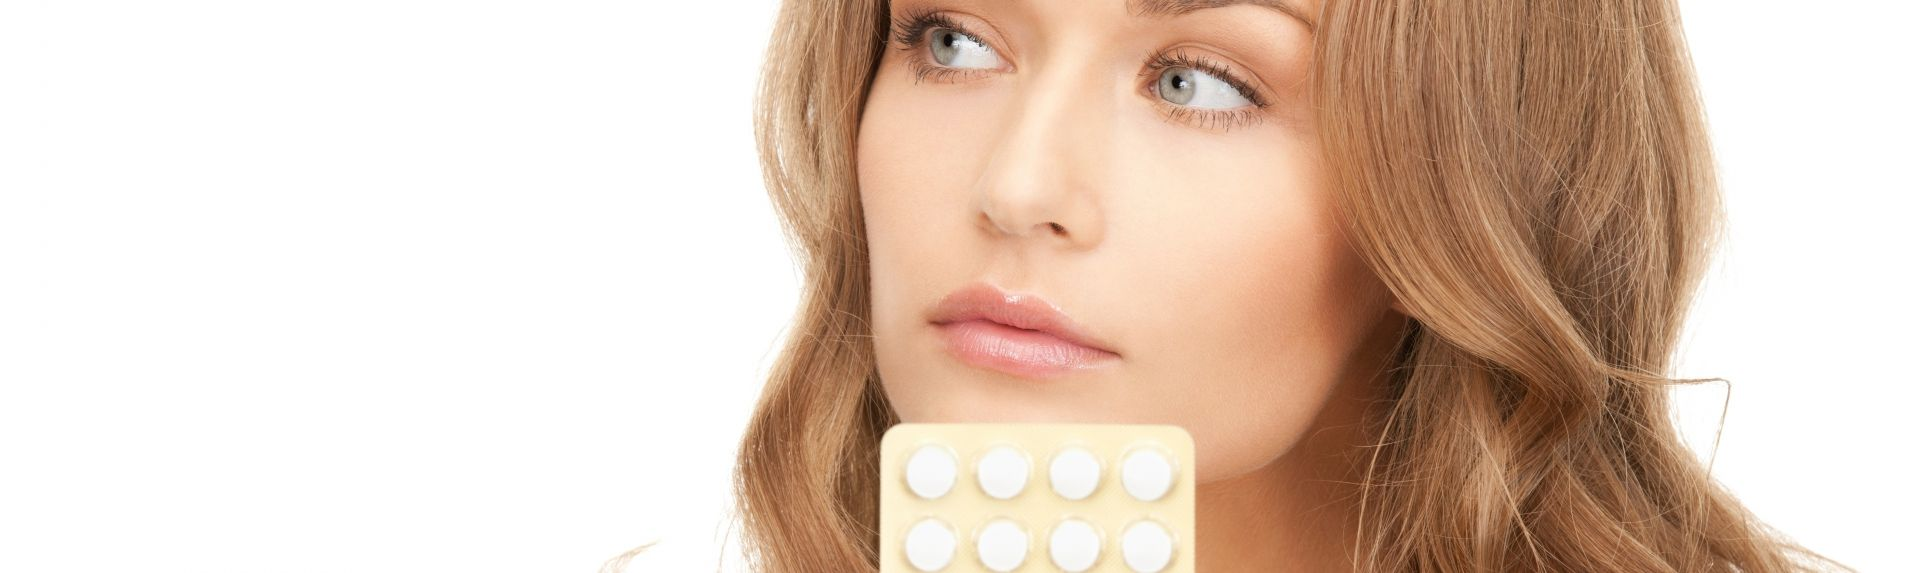 Оральные контрацептивы при лактации